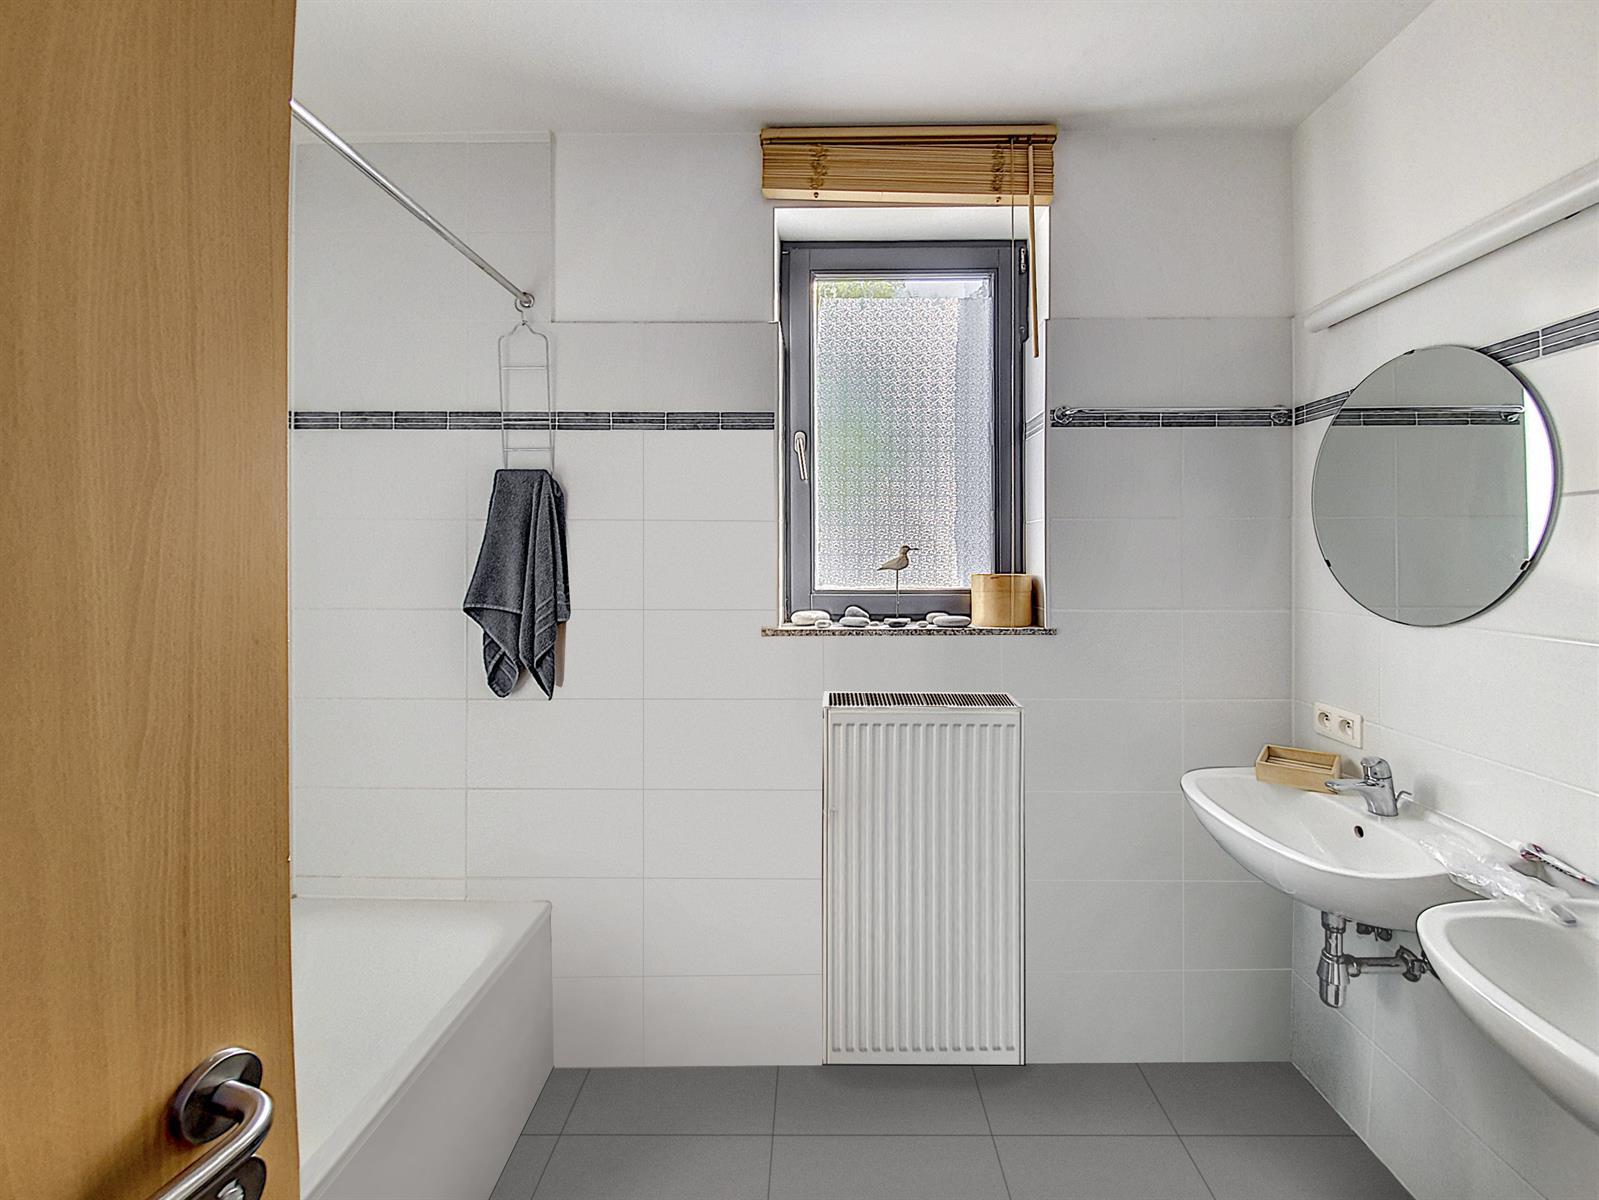 Appartement - Ottignies-Louvain-la-Neuve Louvain-la-Neuve - #4392627-7